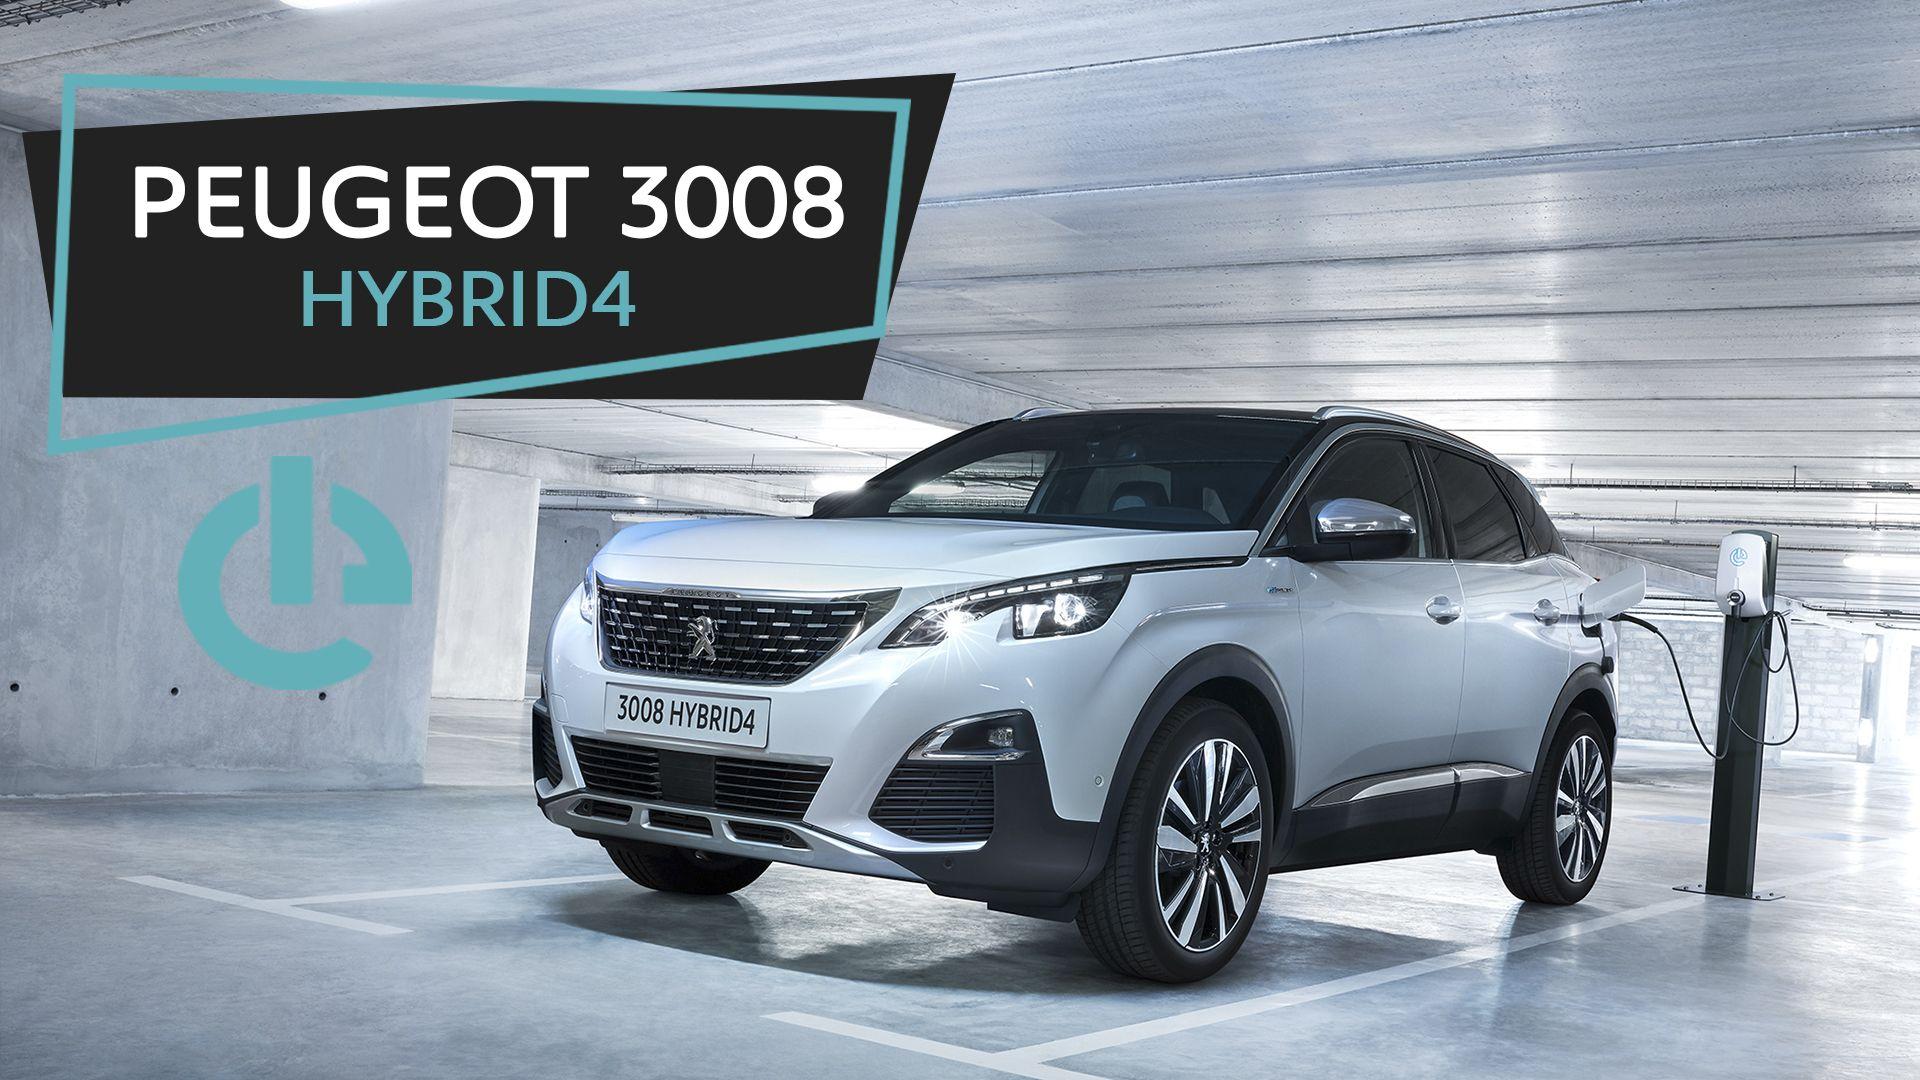 Nou Peugeot 3008 HYBRID4 Endollable per només 264€/mes